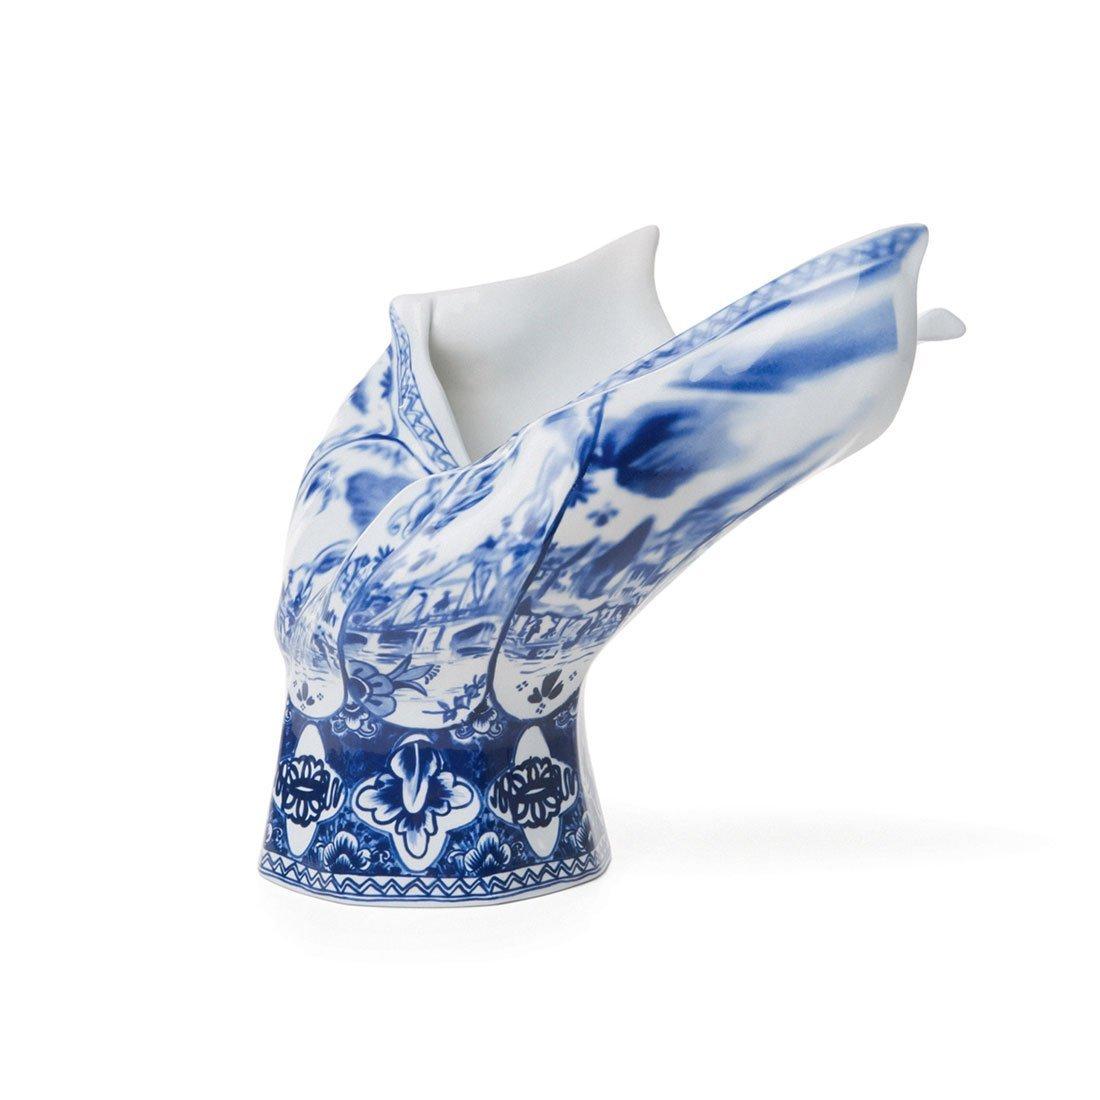 De blow away vase vaas van moooi is een typisch hollandse vaas. niet alleen de delftsblauwe stijl en print ...